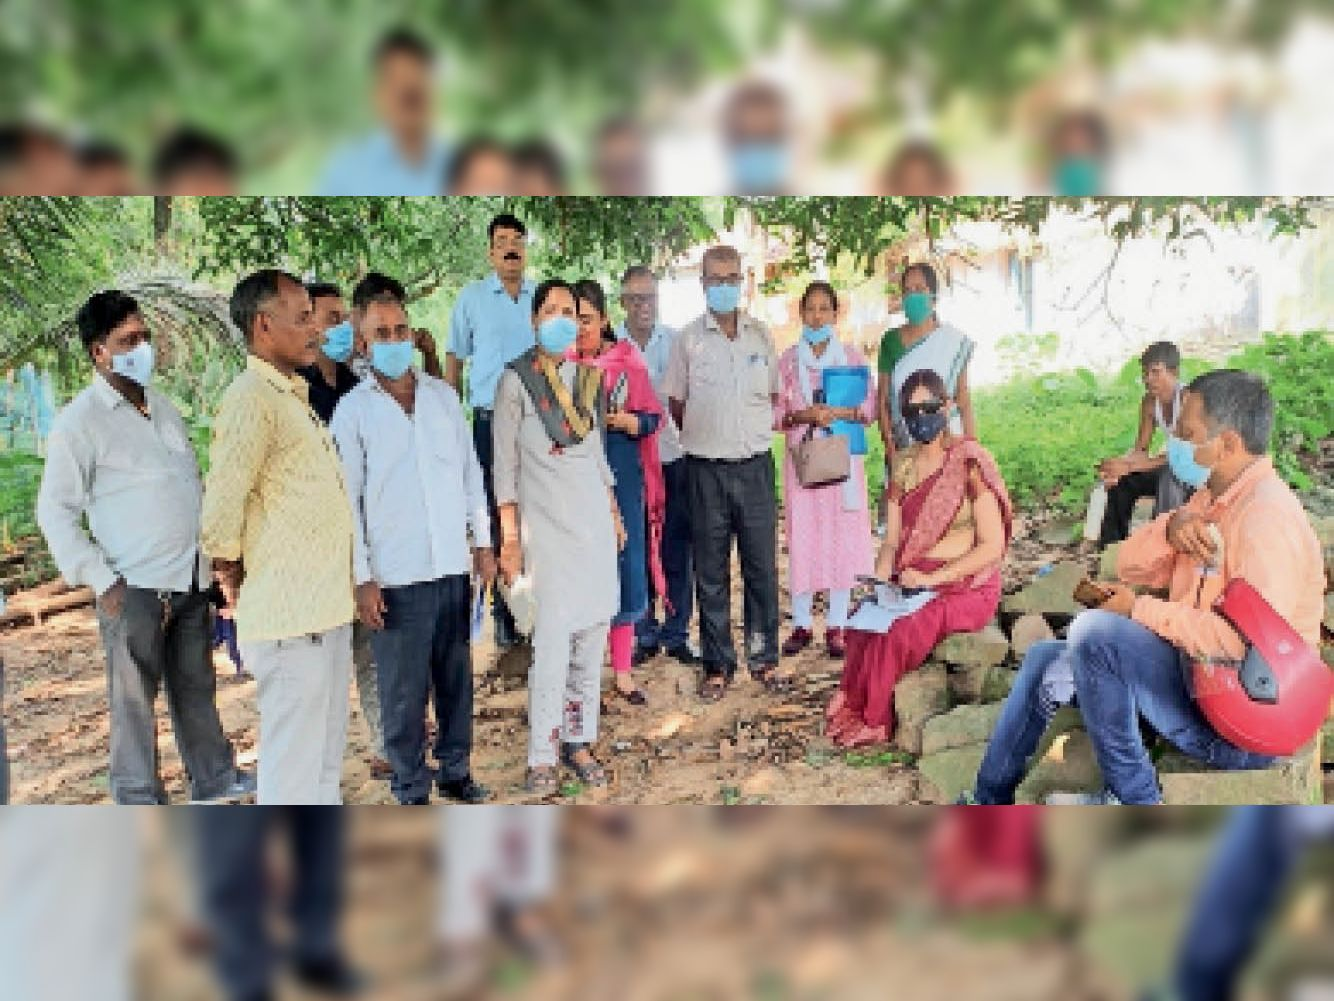 जापानी बुखार को लेकर घीकुली गांव में पहुंची मेडिकल टीम। - Dainik Bhaskar